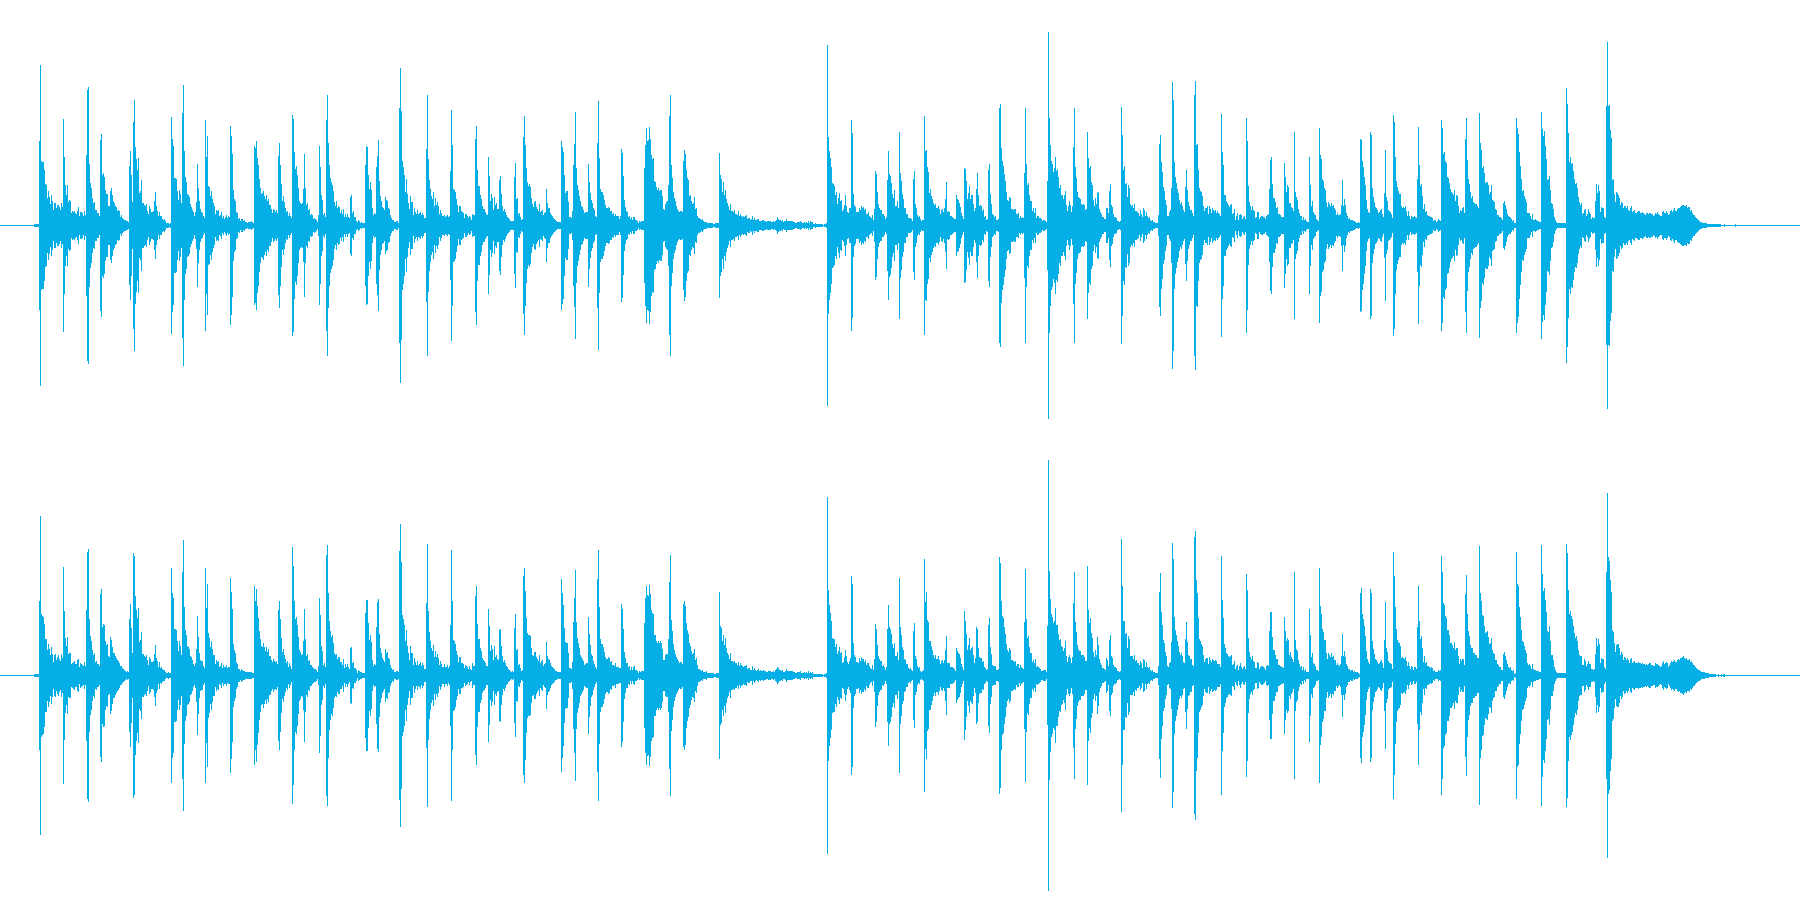 miyaviみたいなアコギ奏法の再生済みの波形